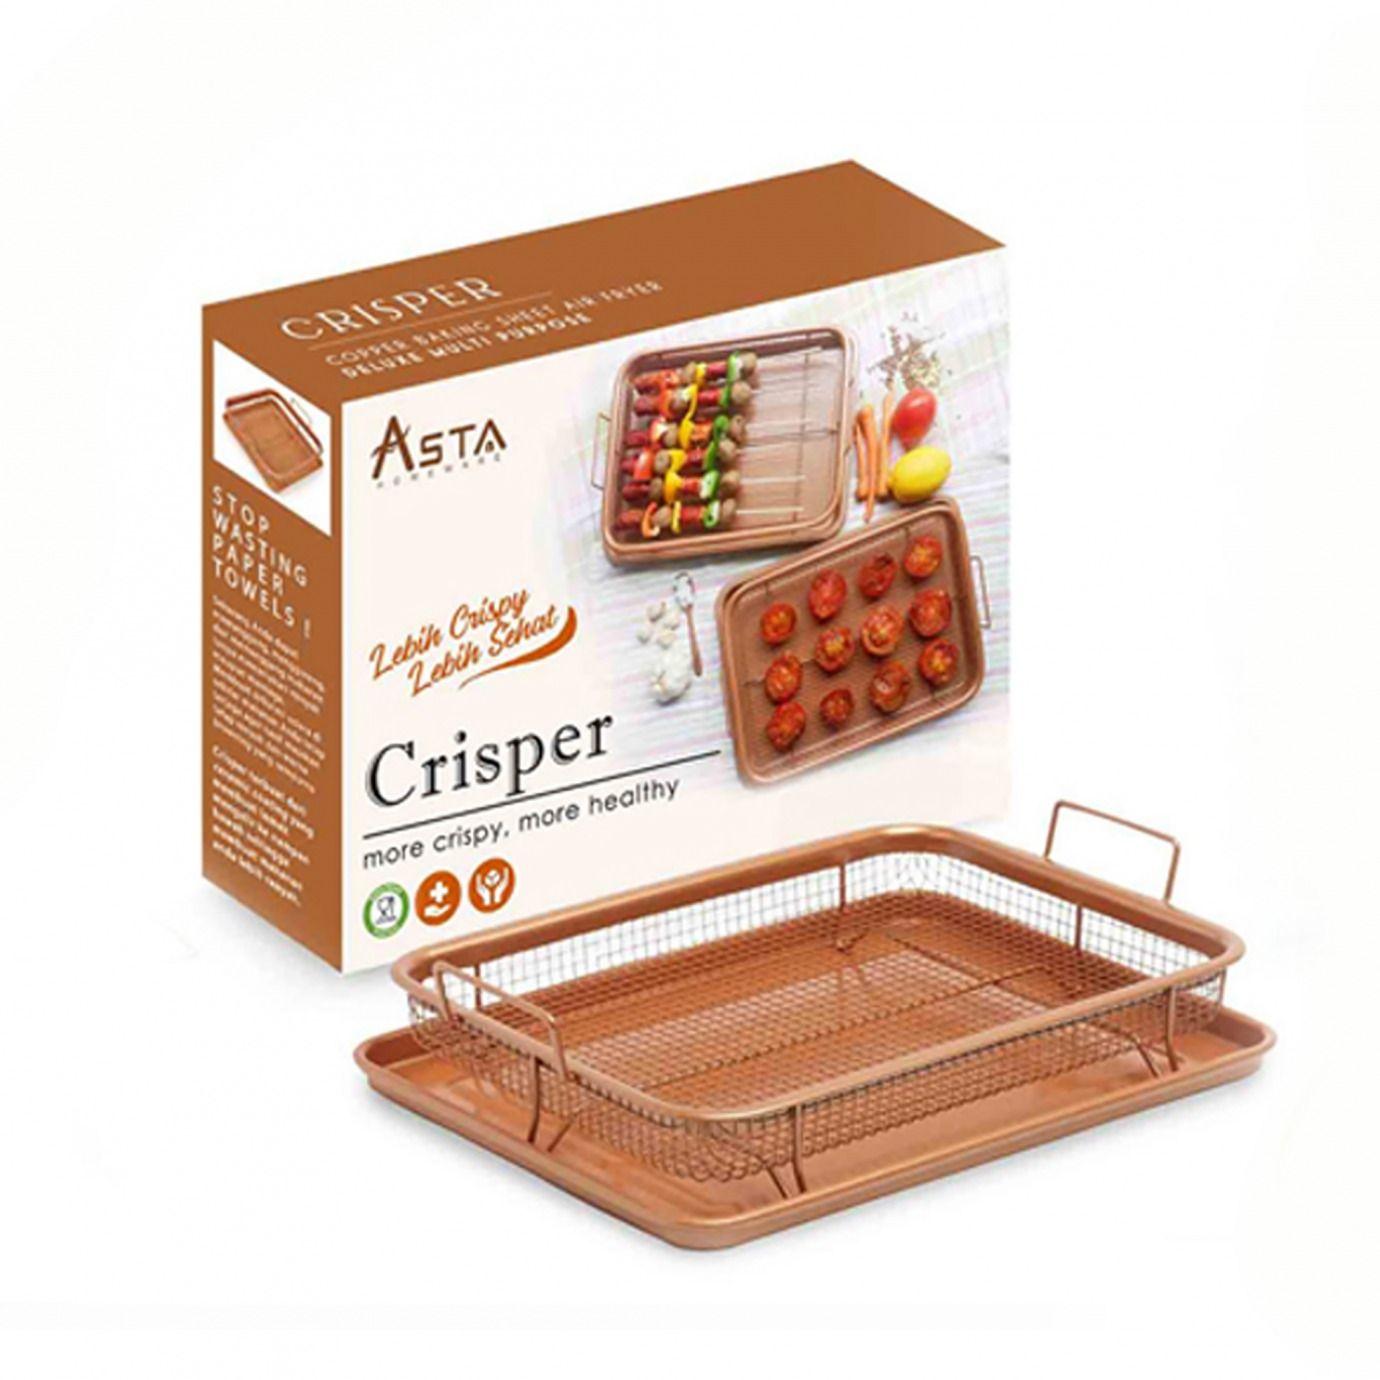 Mengenal Crisper Asta, Panggangan sekaligus Tirisan Minyak